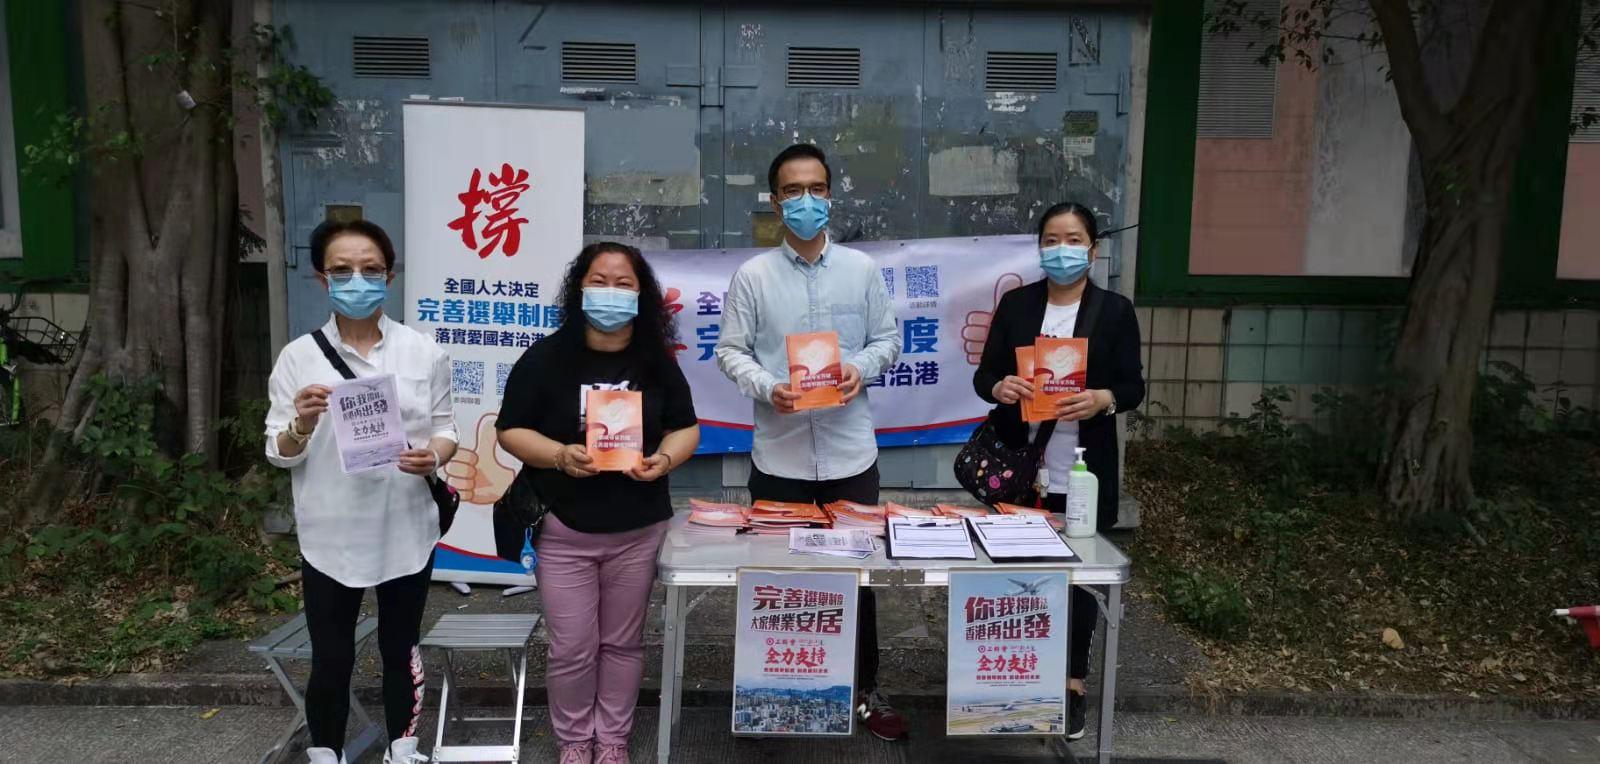 工聯會今日(31日)舉辦「撐完善香港選舉制度」簽名街站活動,得到市民踴躍支持。(大公文匯全媒體記者攝)